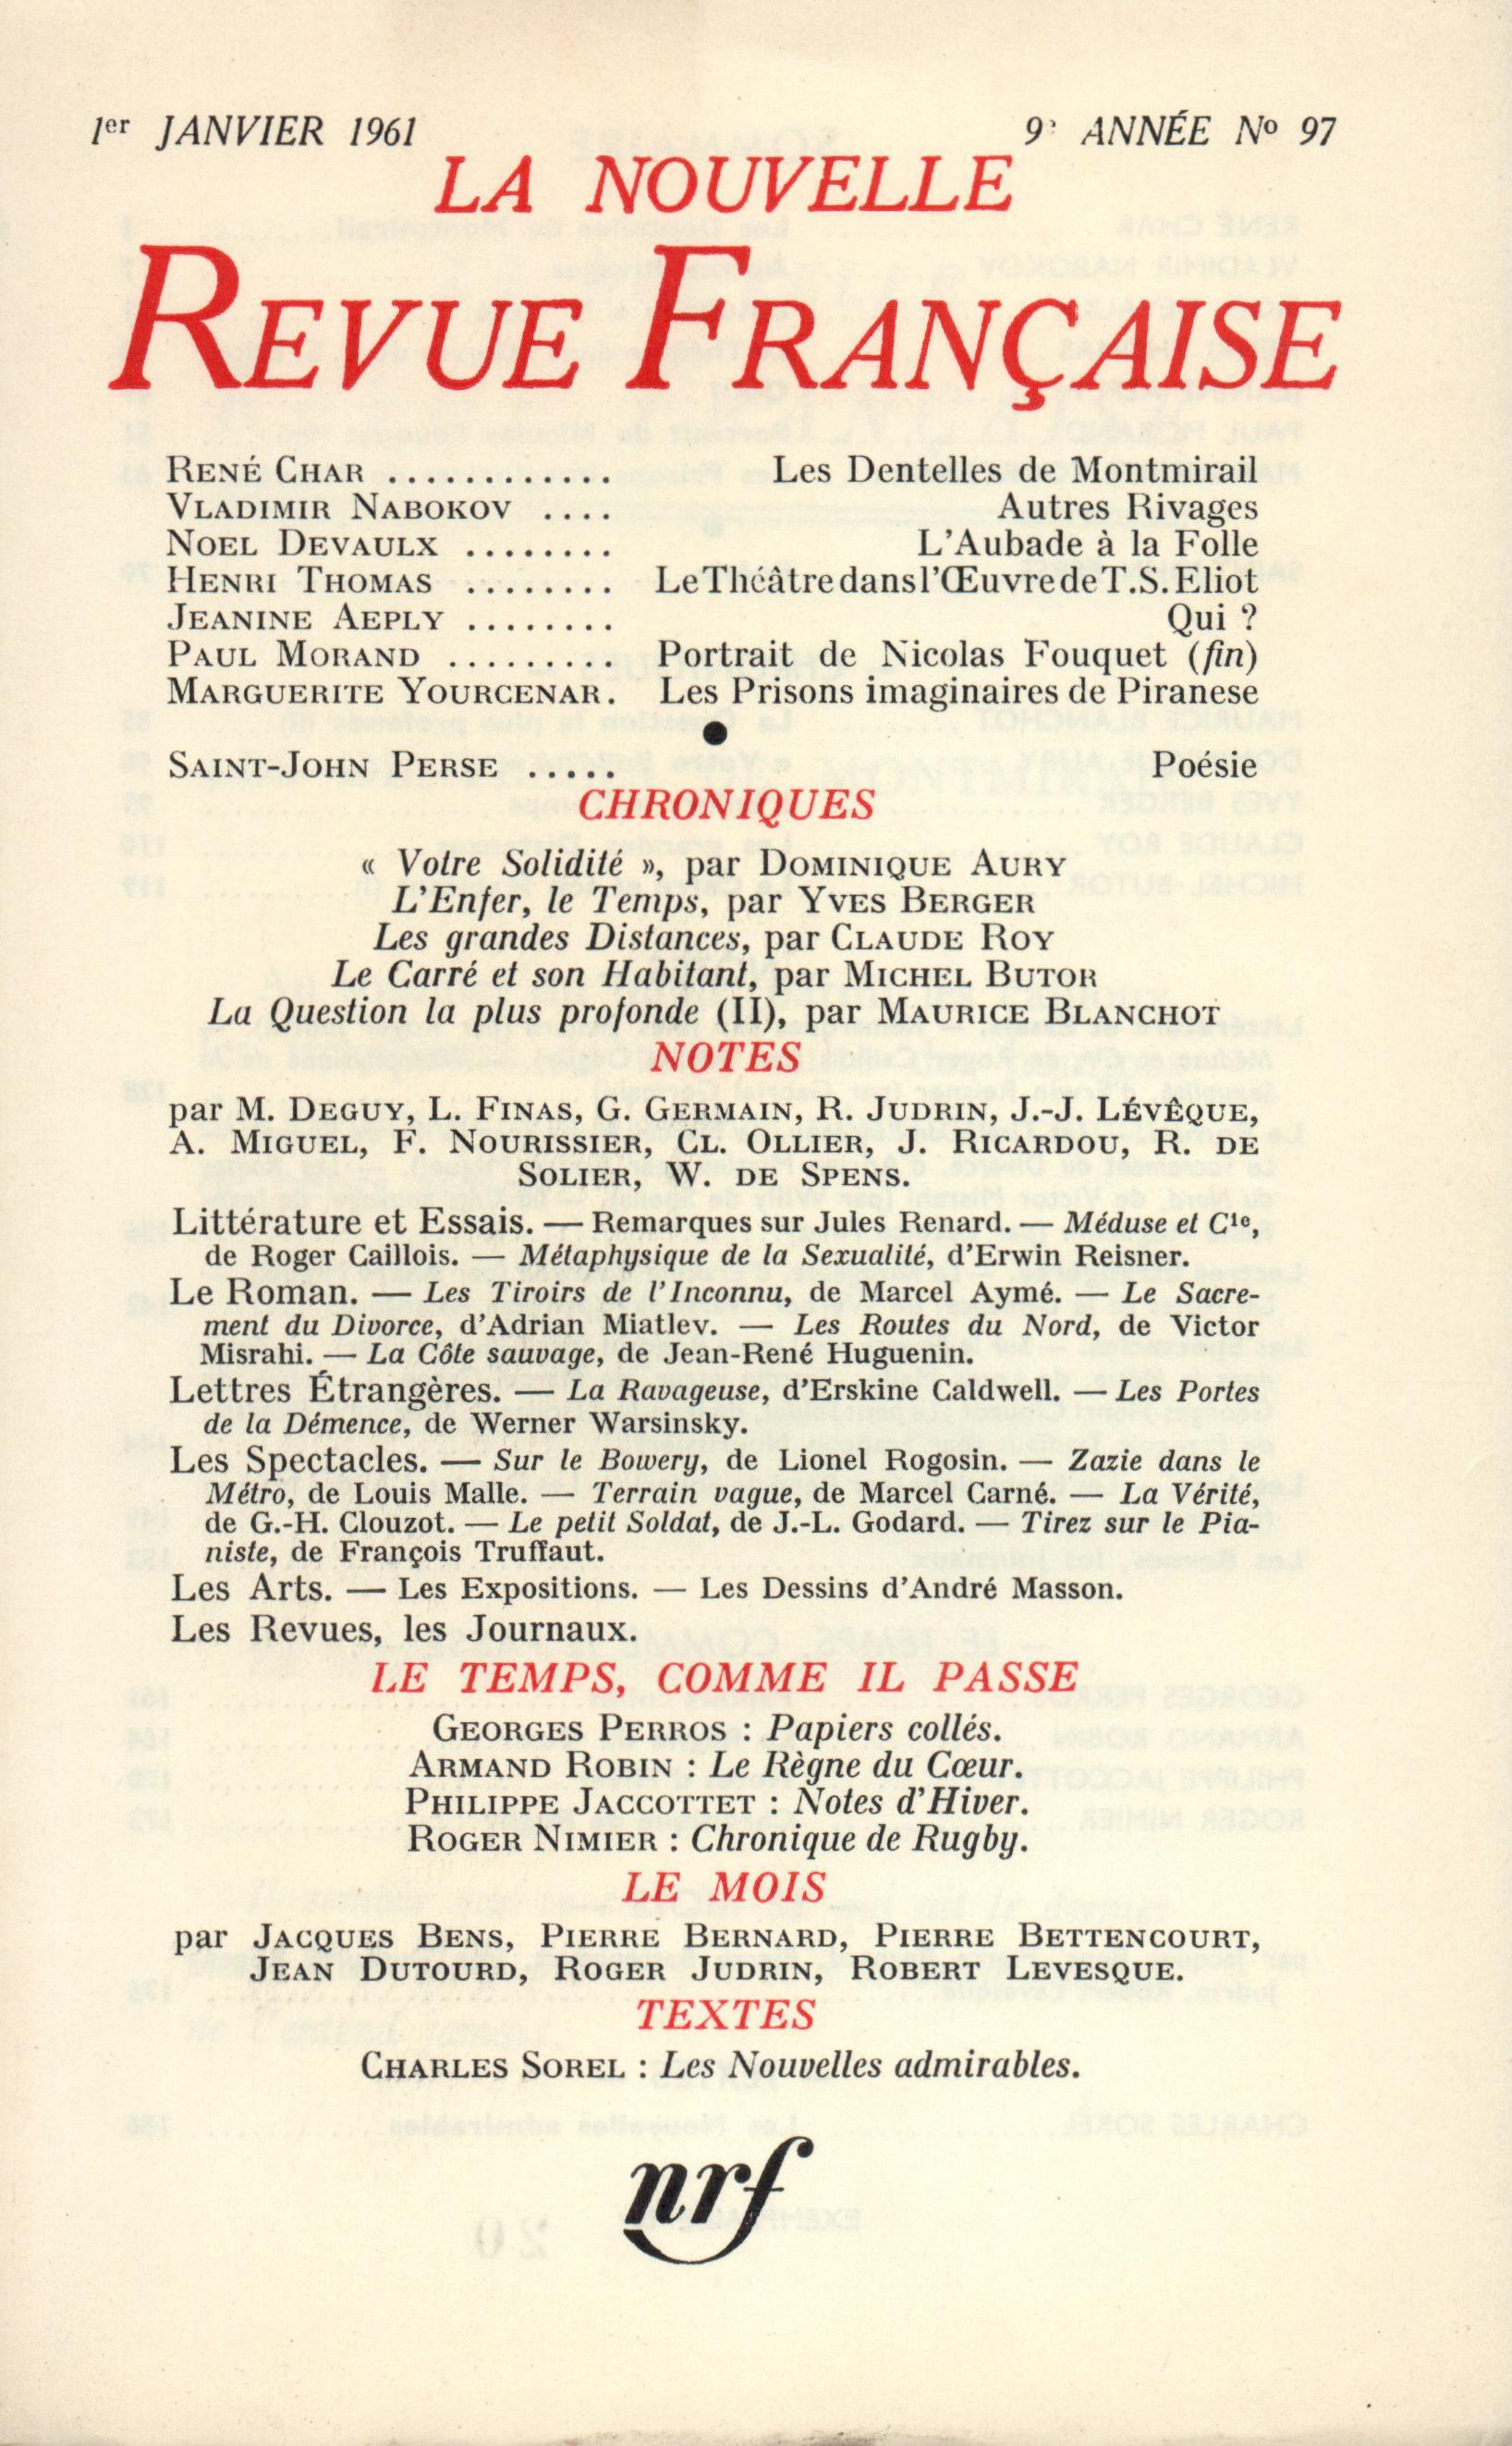 La Nouvelle Revue Française N' 97 (Janvier 1961)